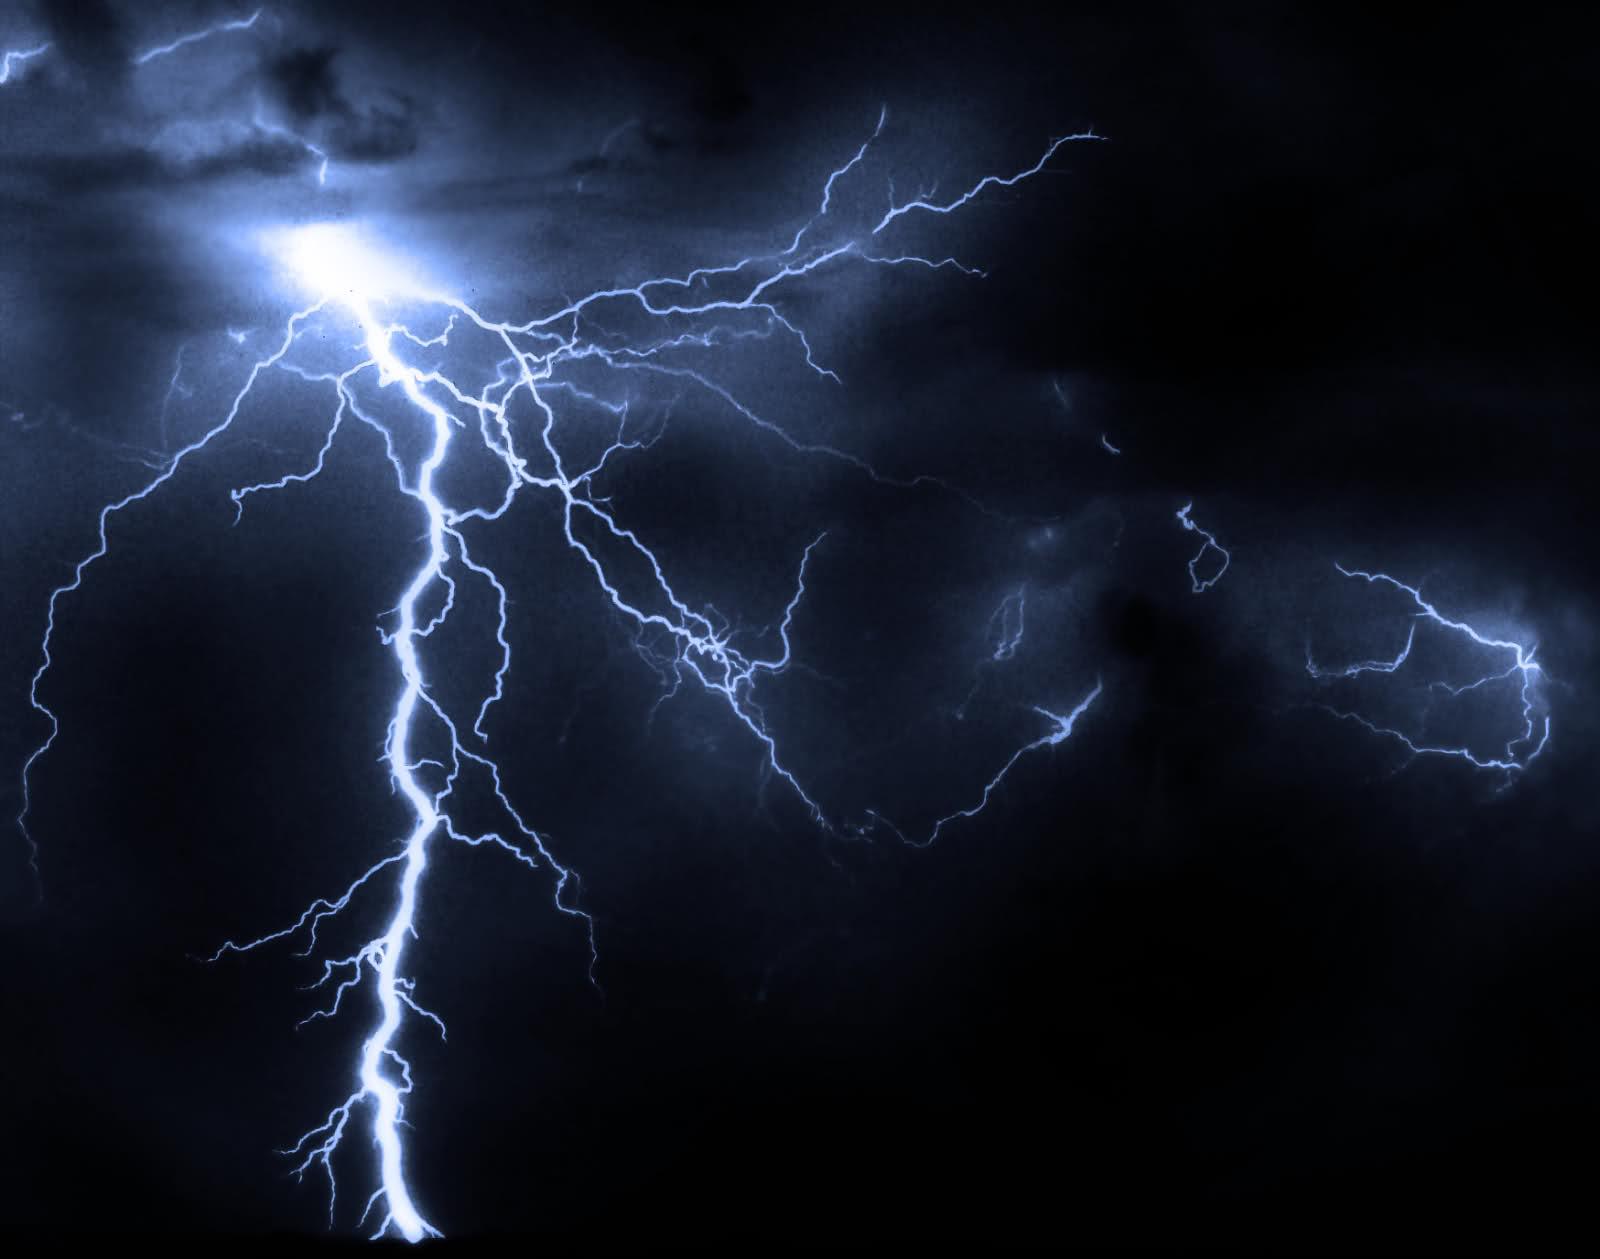 thunder #7